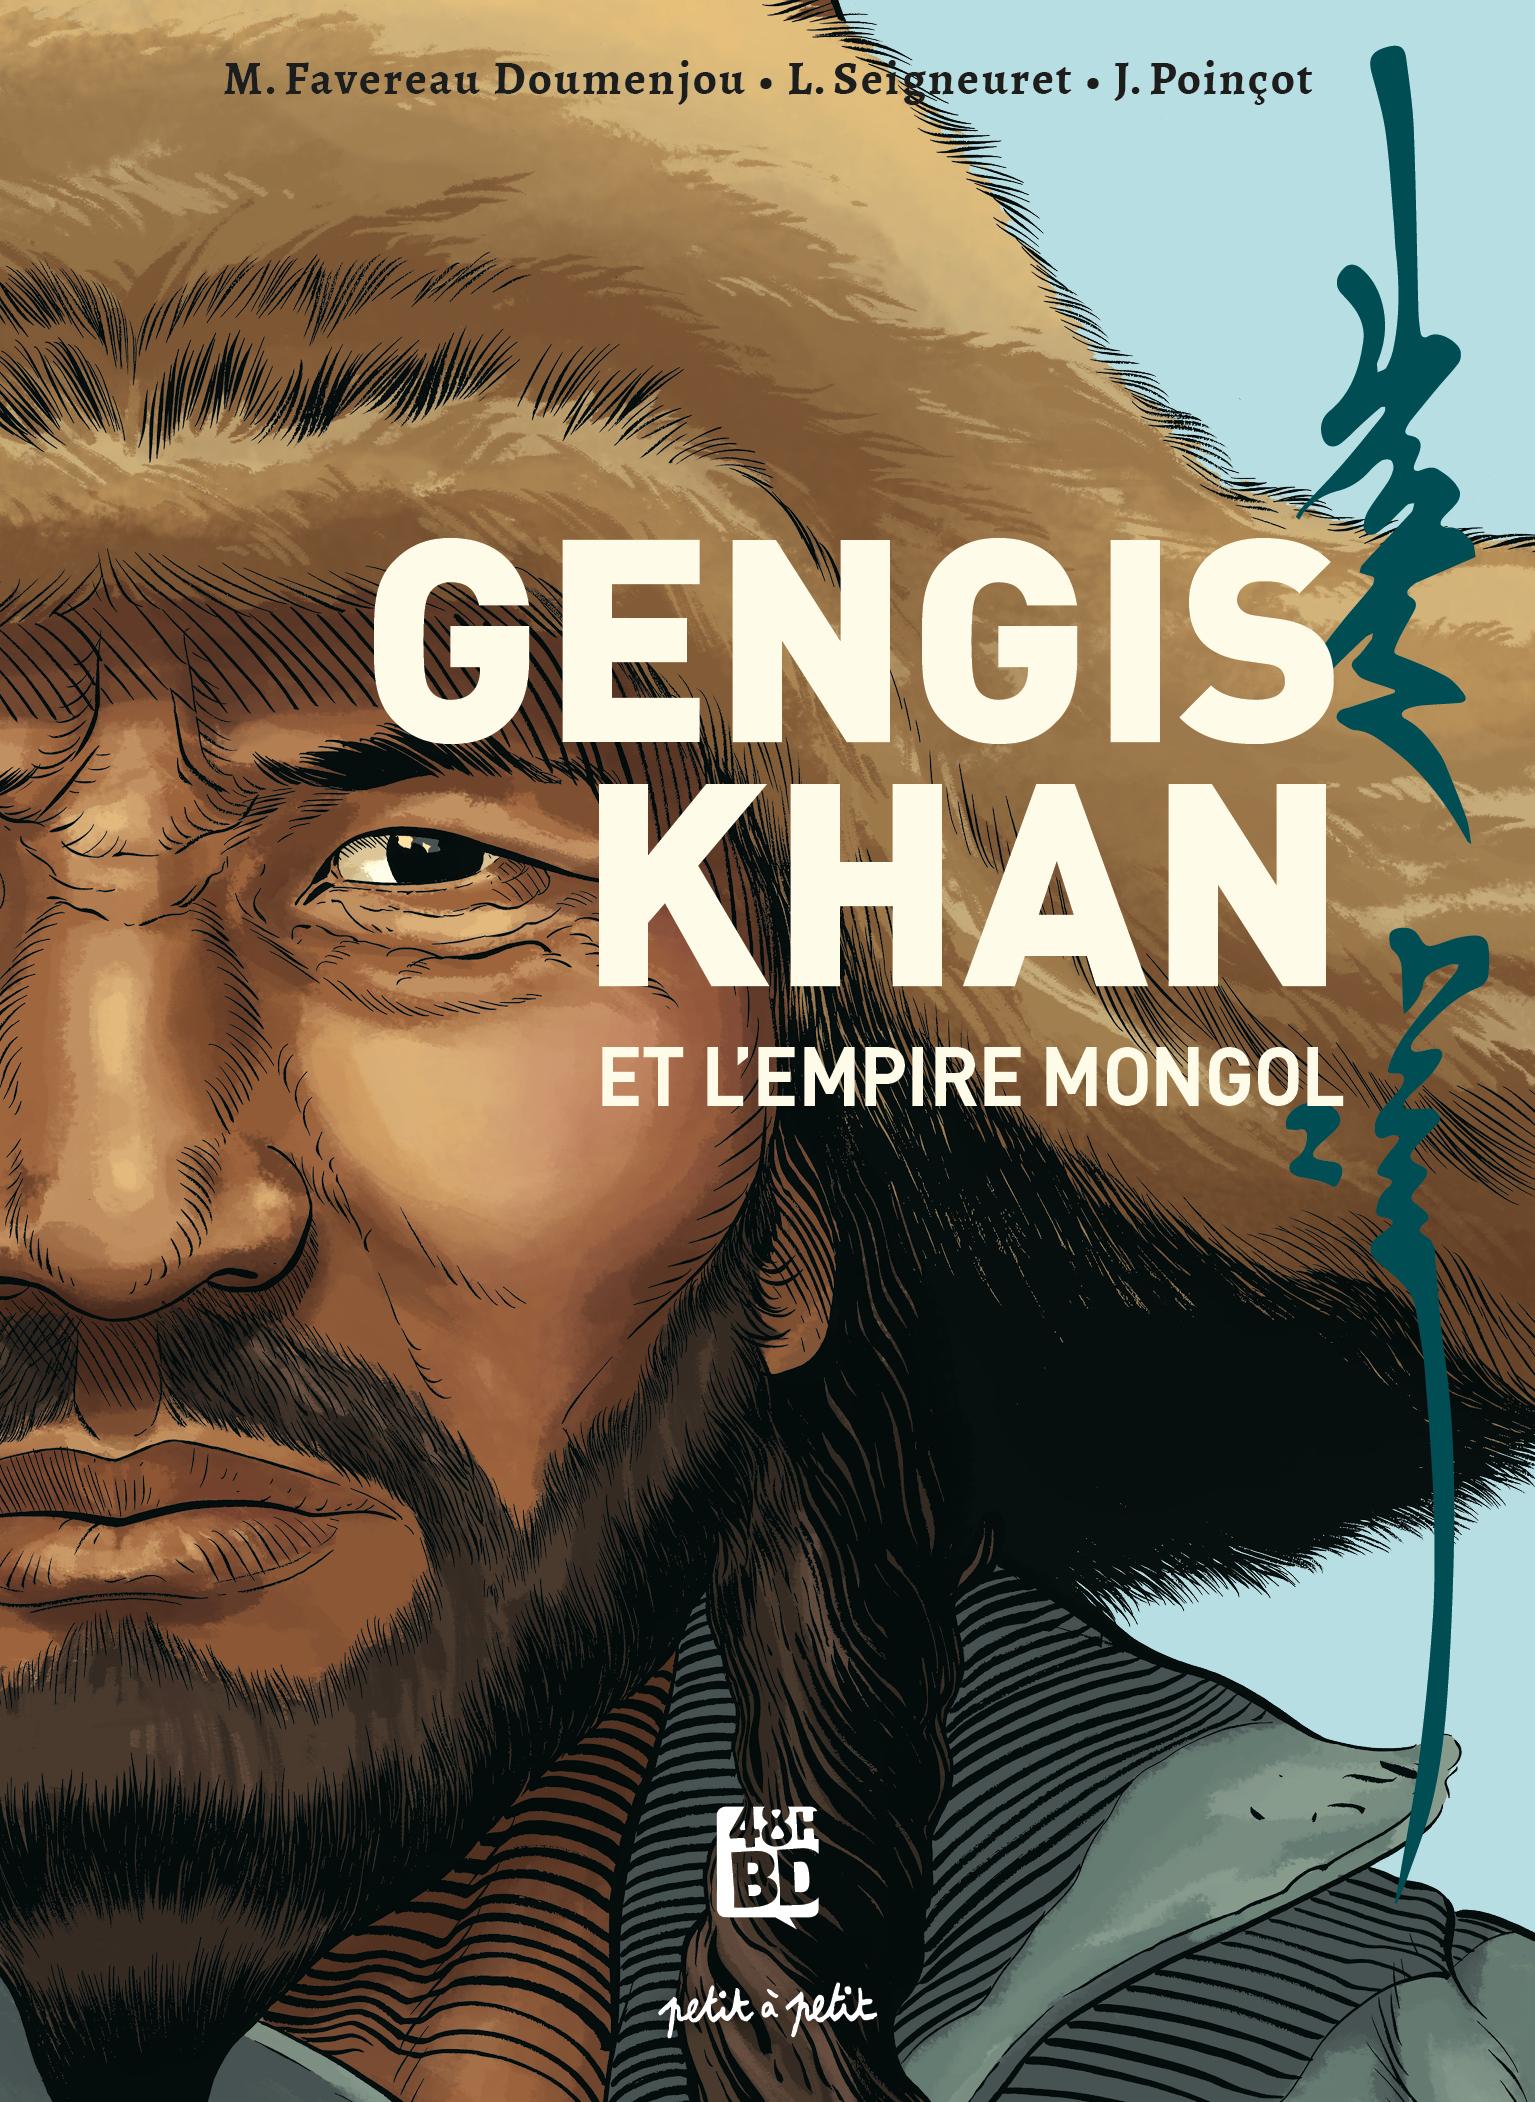 Gengis Khan et l'empire mongol  - 48H BD 2021